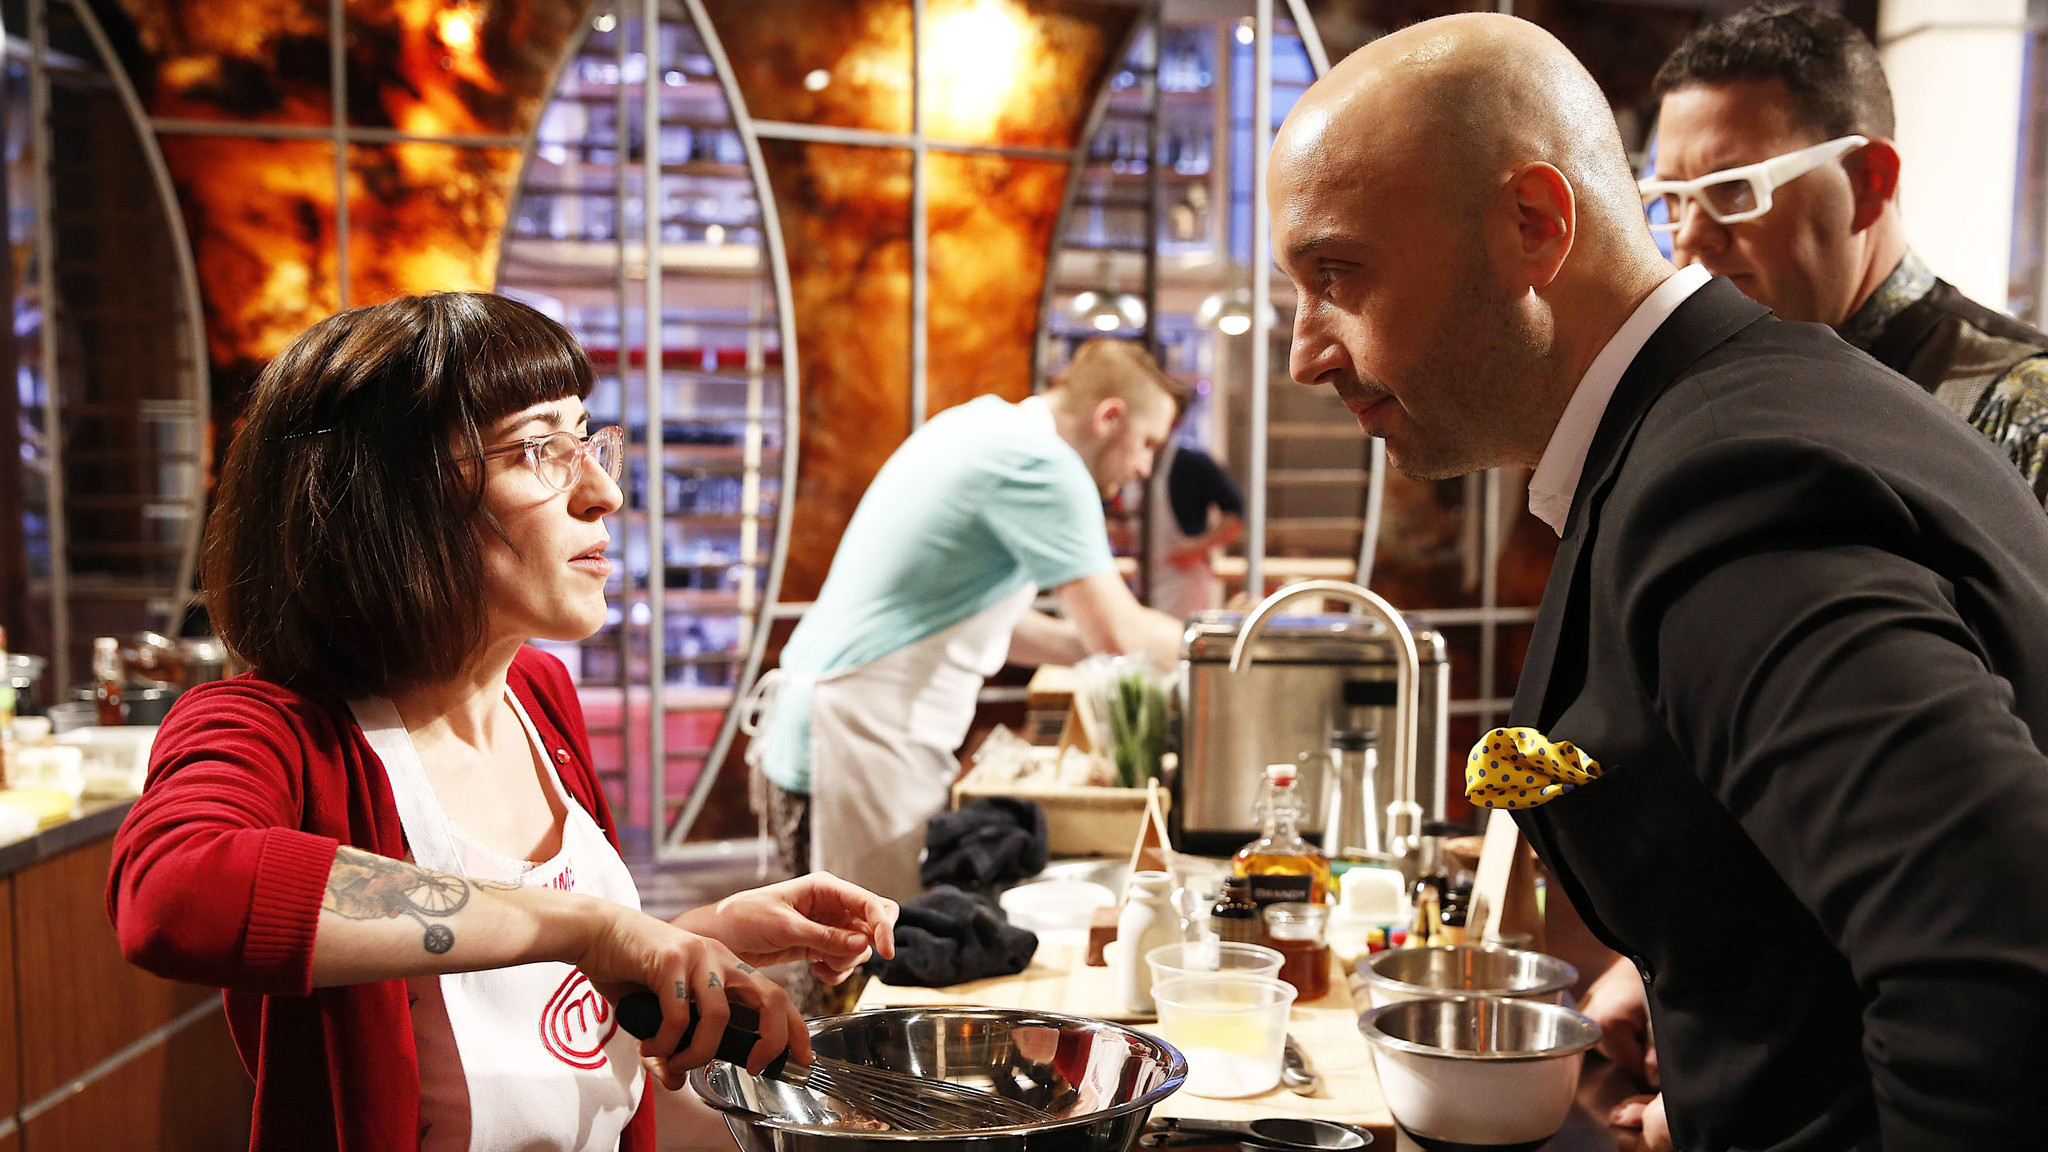 Programmi Tv Di Cucina Americani food tv: la guida definitiva dei programmi di cucina